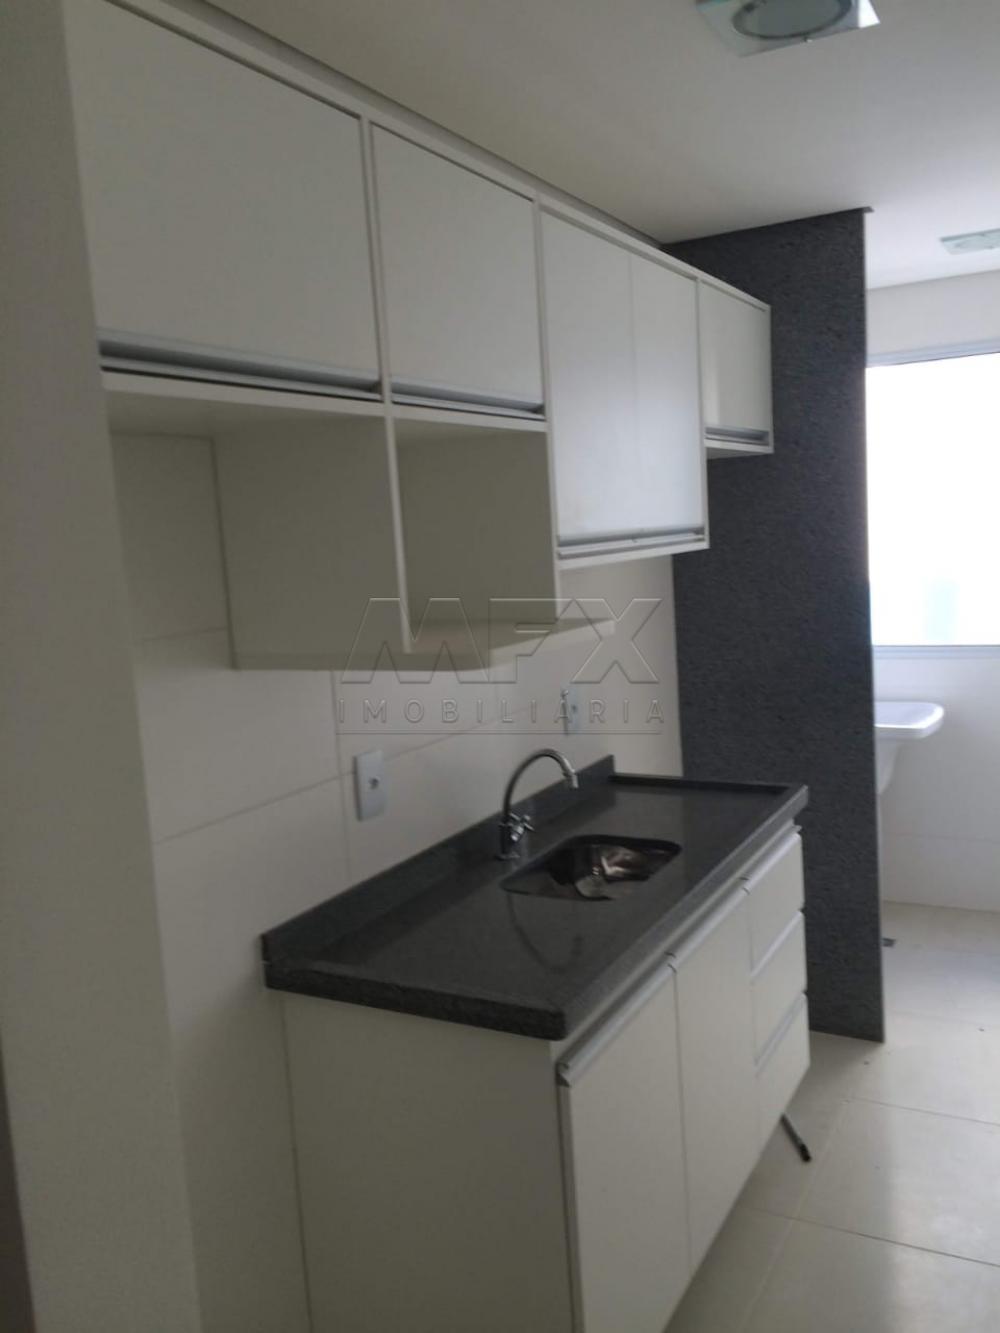 Comprar Apartamento / Padrão em Bauru apenas R$ 215.000,00 - Foto 8